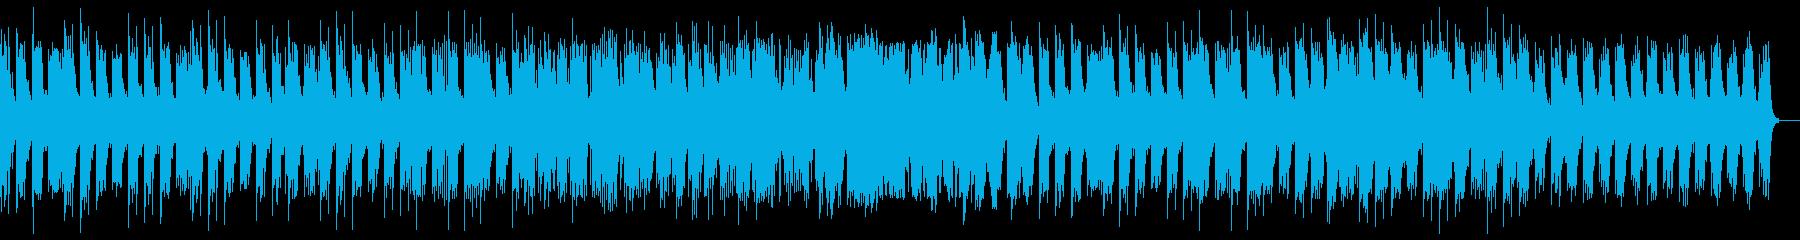 壮大でメロディアスなヒーリングピアノ曲の再生済みの波形